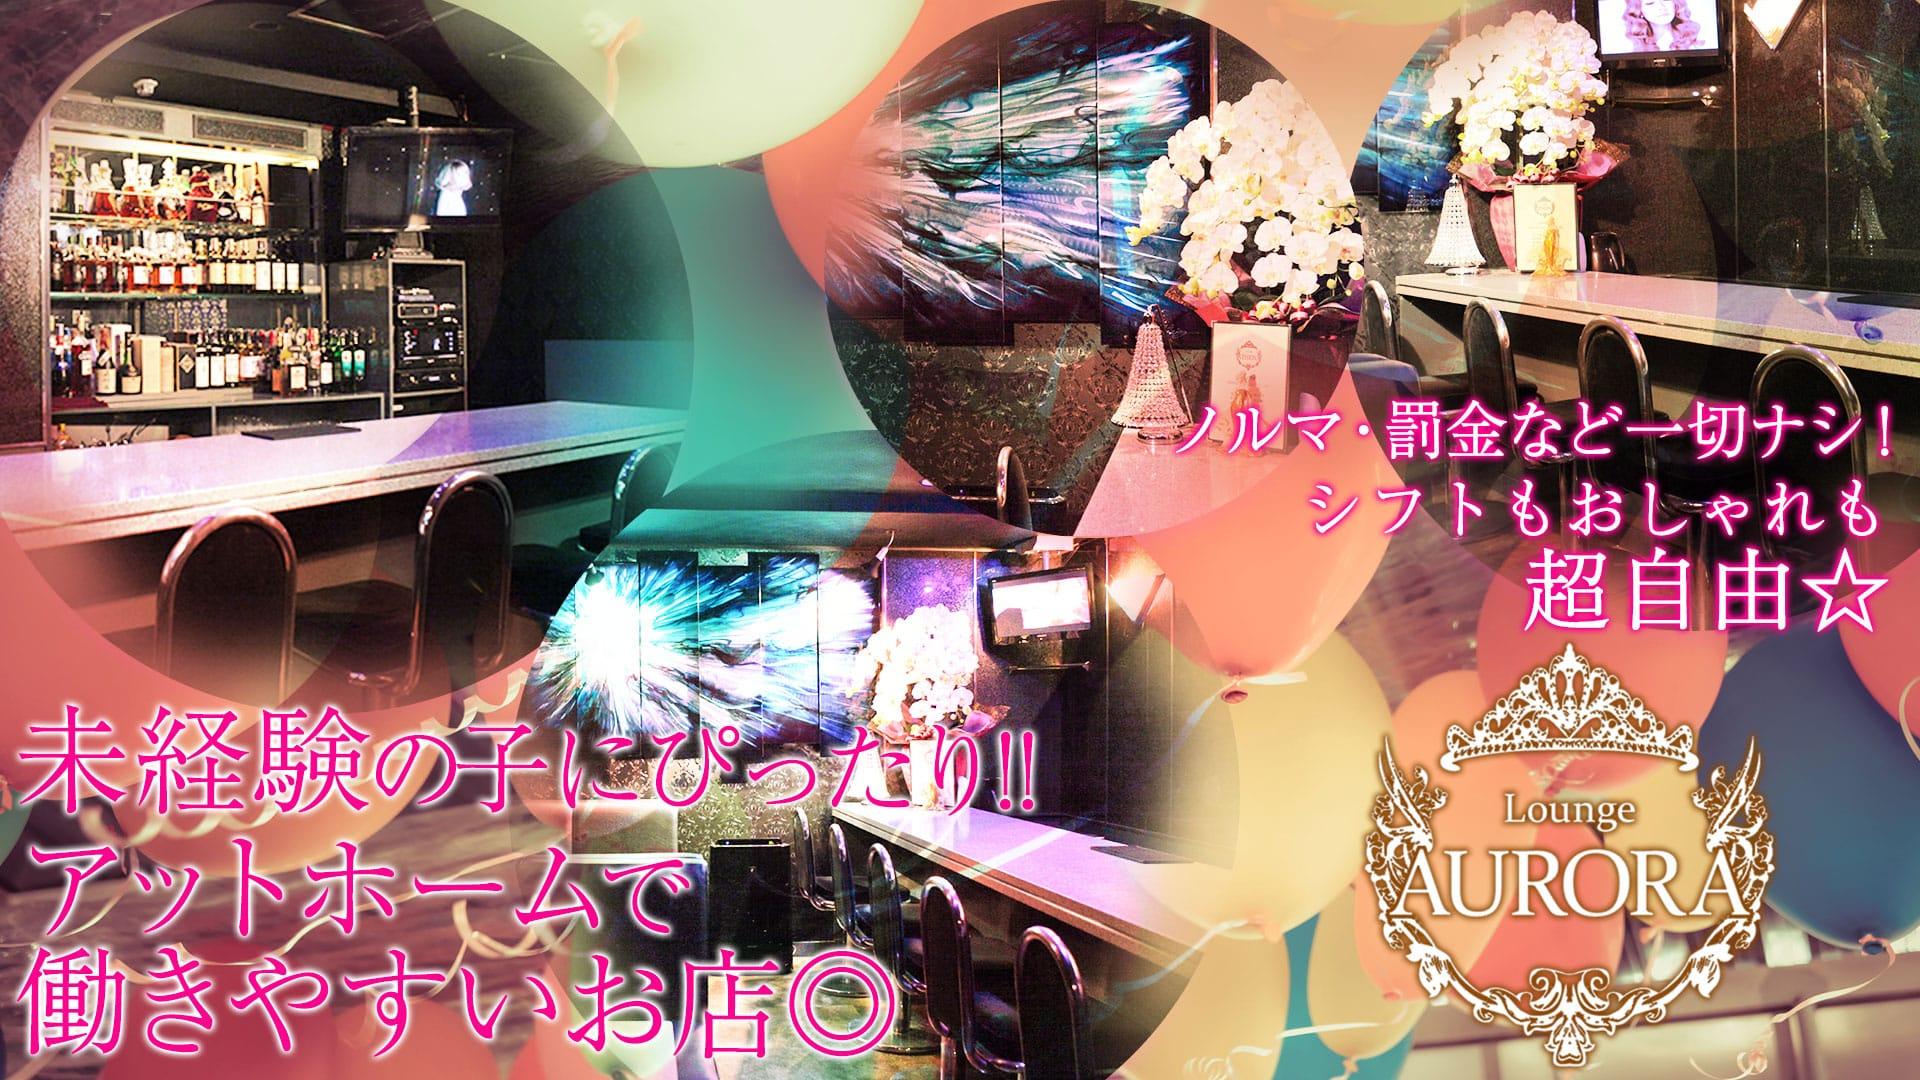 Girl's Bar AURORA (アウロラ)【公式求人・体入情報】 新橋ガールズバー TOP画像